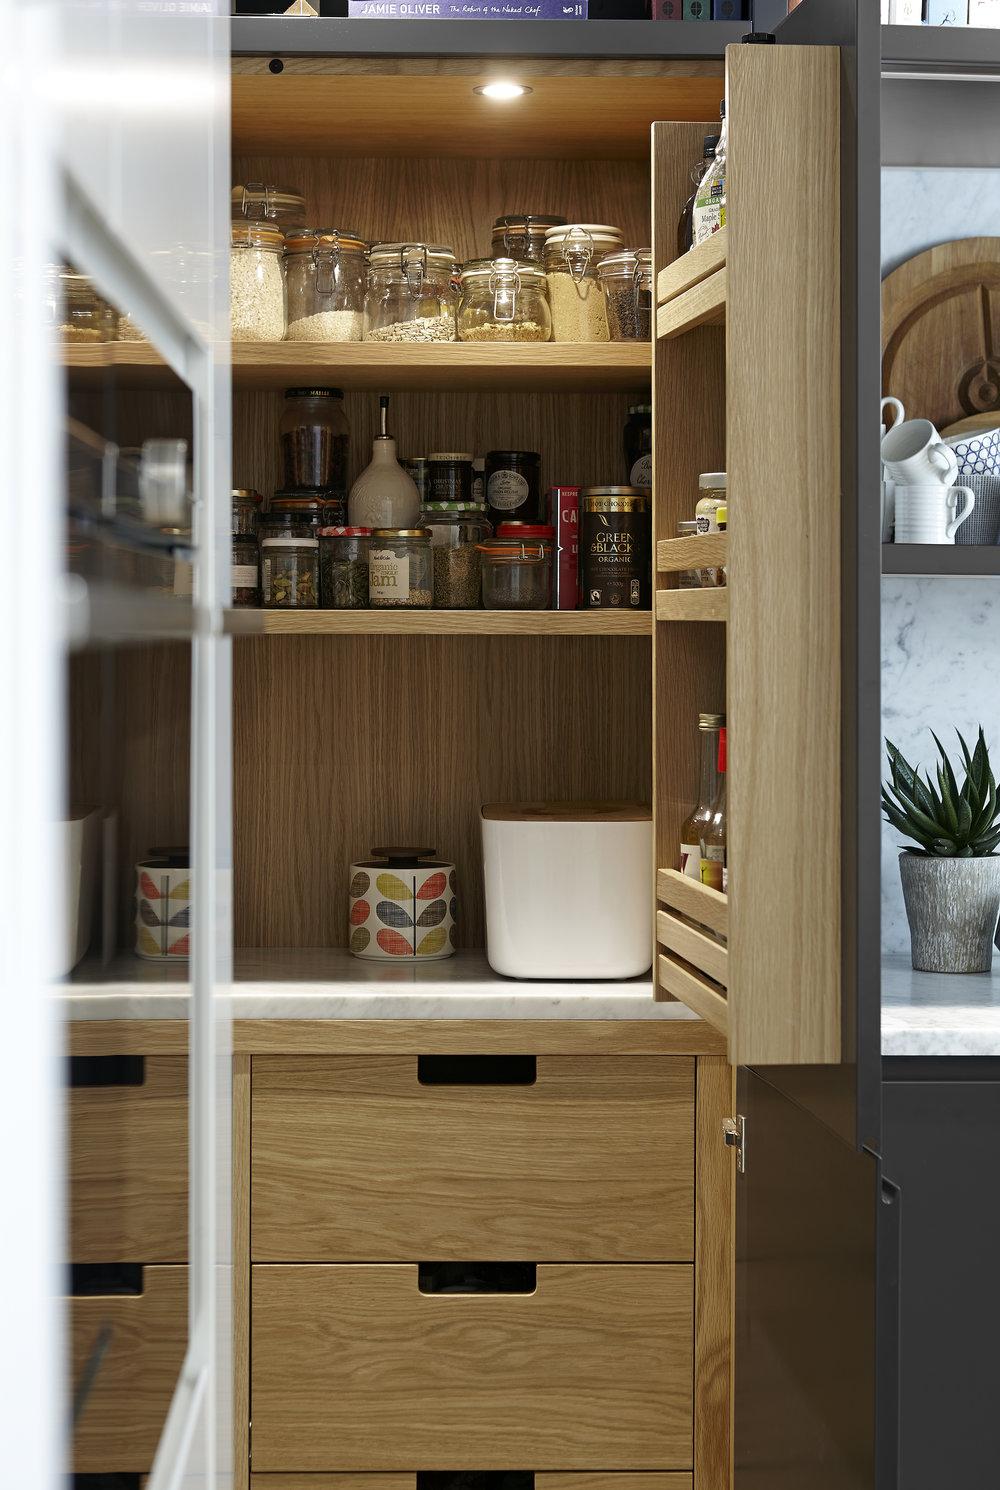 kitchens11411